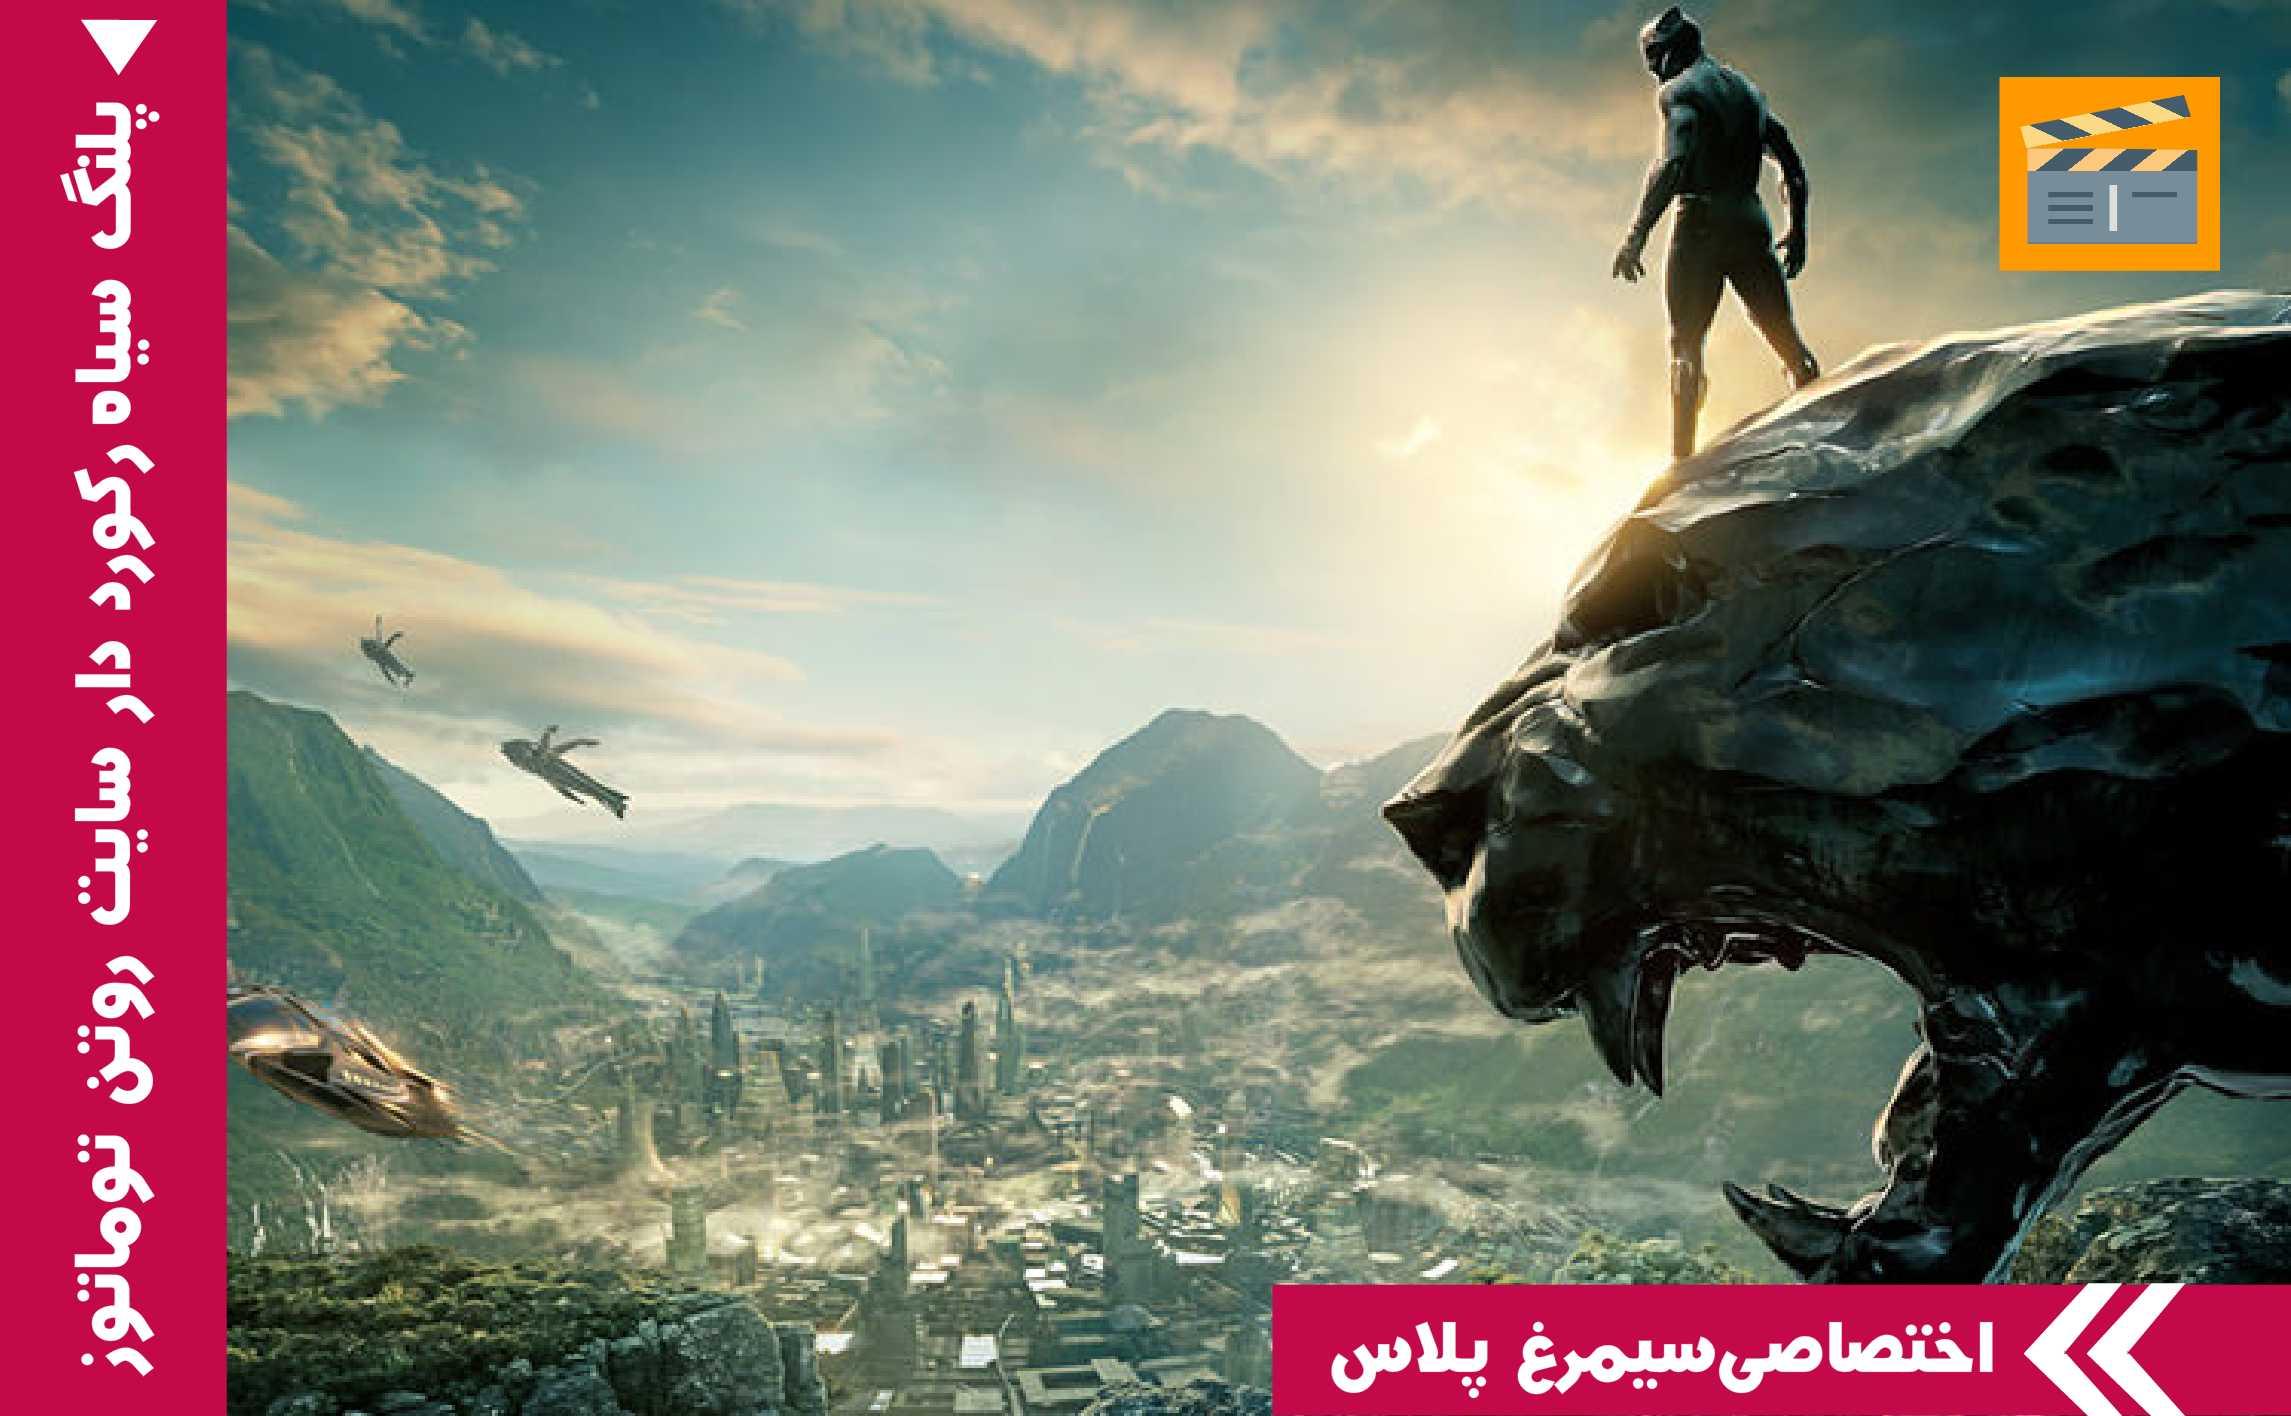 نقد بررسی فیلم بلک پانتر (پلنگ سیاه) ۲۰۱۸مارول (Black Panther)